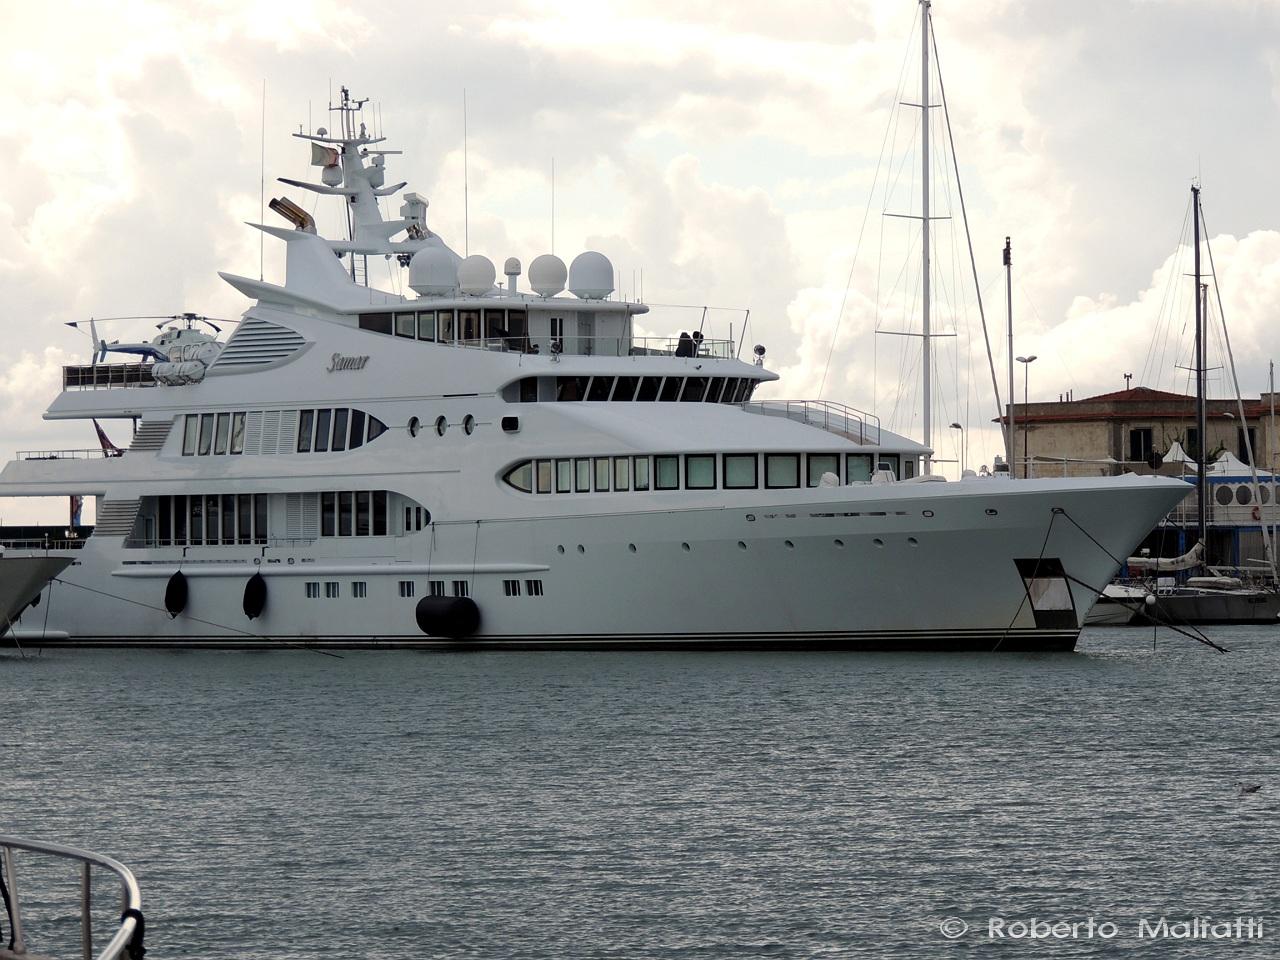 SAMAR yacht by Devonport Yachts - Photo by Roberto Malfatti